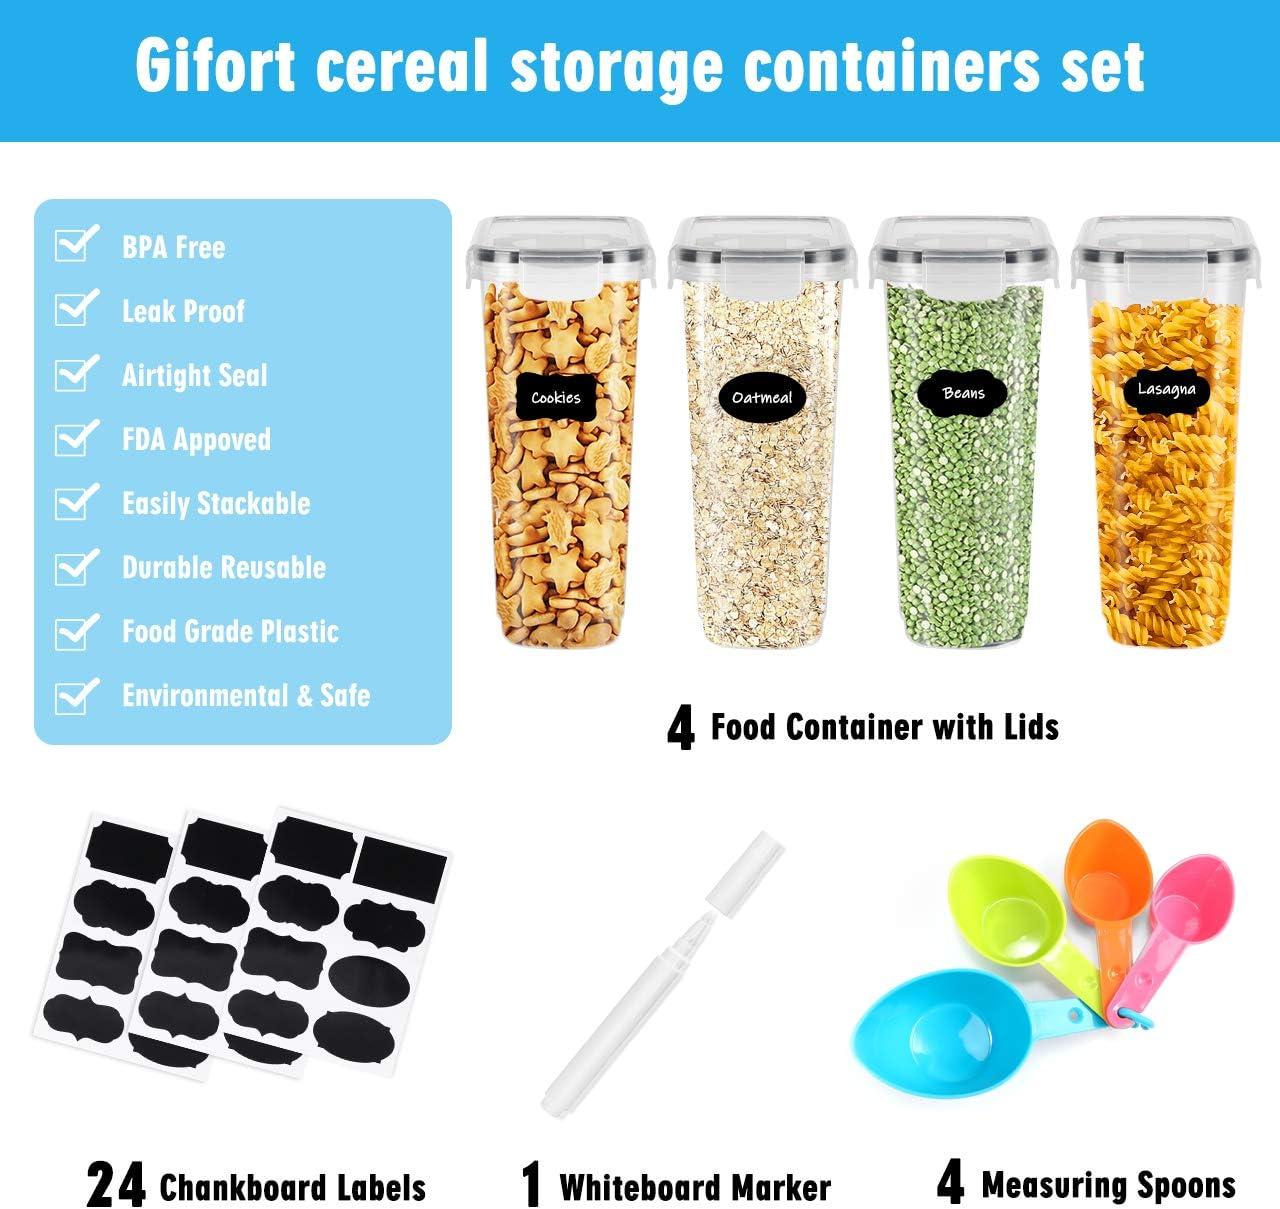 4PCS Gifort Contenitori Alimentari per Cereali Set Coperchio per Alimenti Set Cereali Perfetto per Cereali,Pasta Contenitori per Cereali Ermetici Senza BPA con Etichette e Cucchiai Cheerios